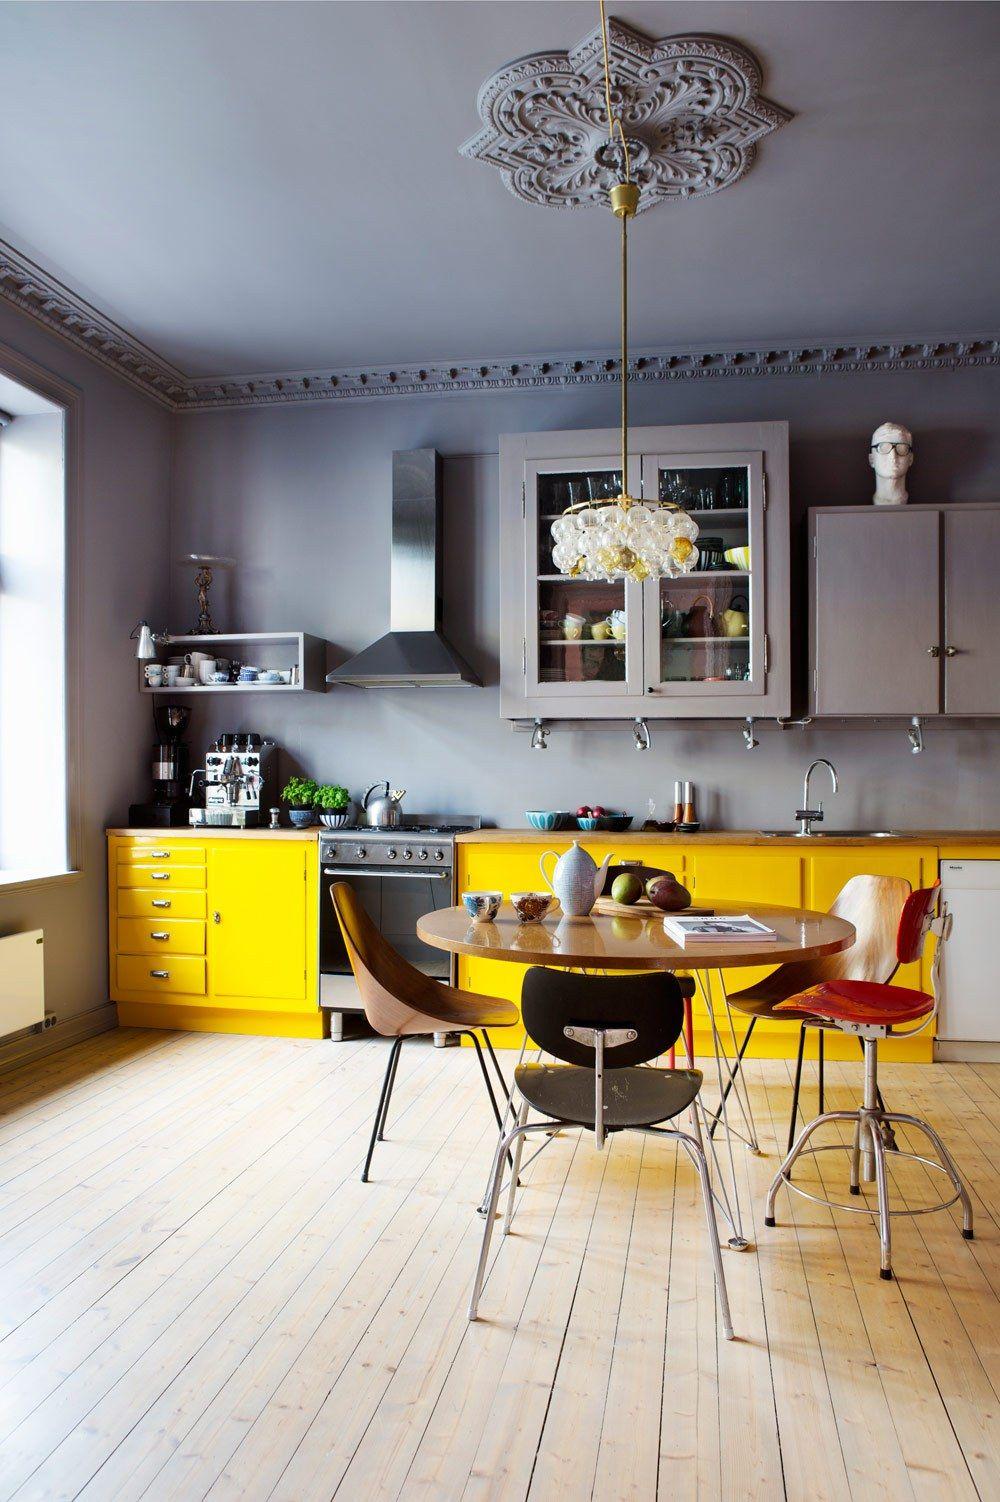 Mobili Cucina Giallo.Giallo Grigio E Modernariato Sono Gli Ingredienti Per Una